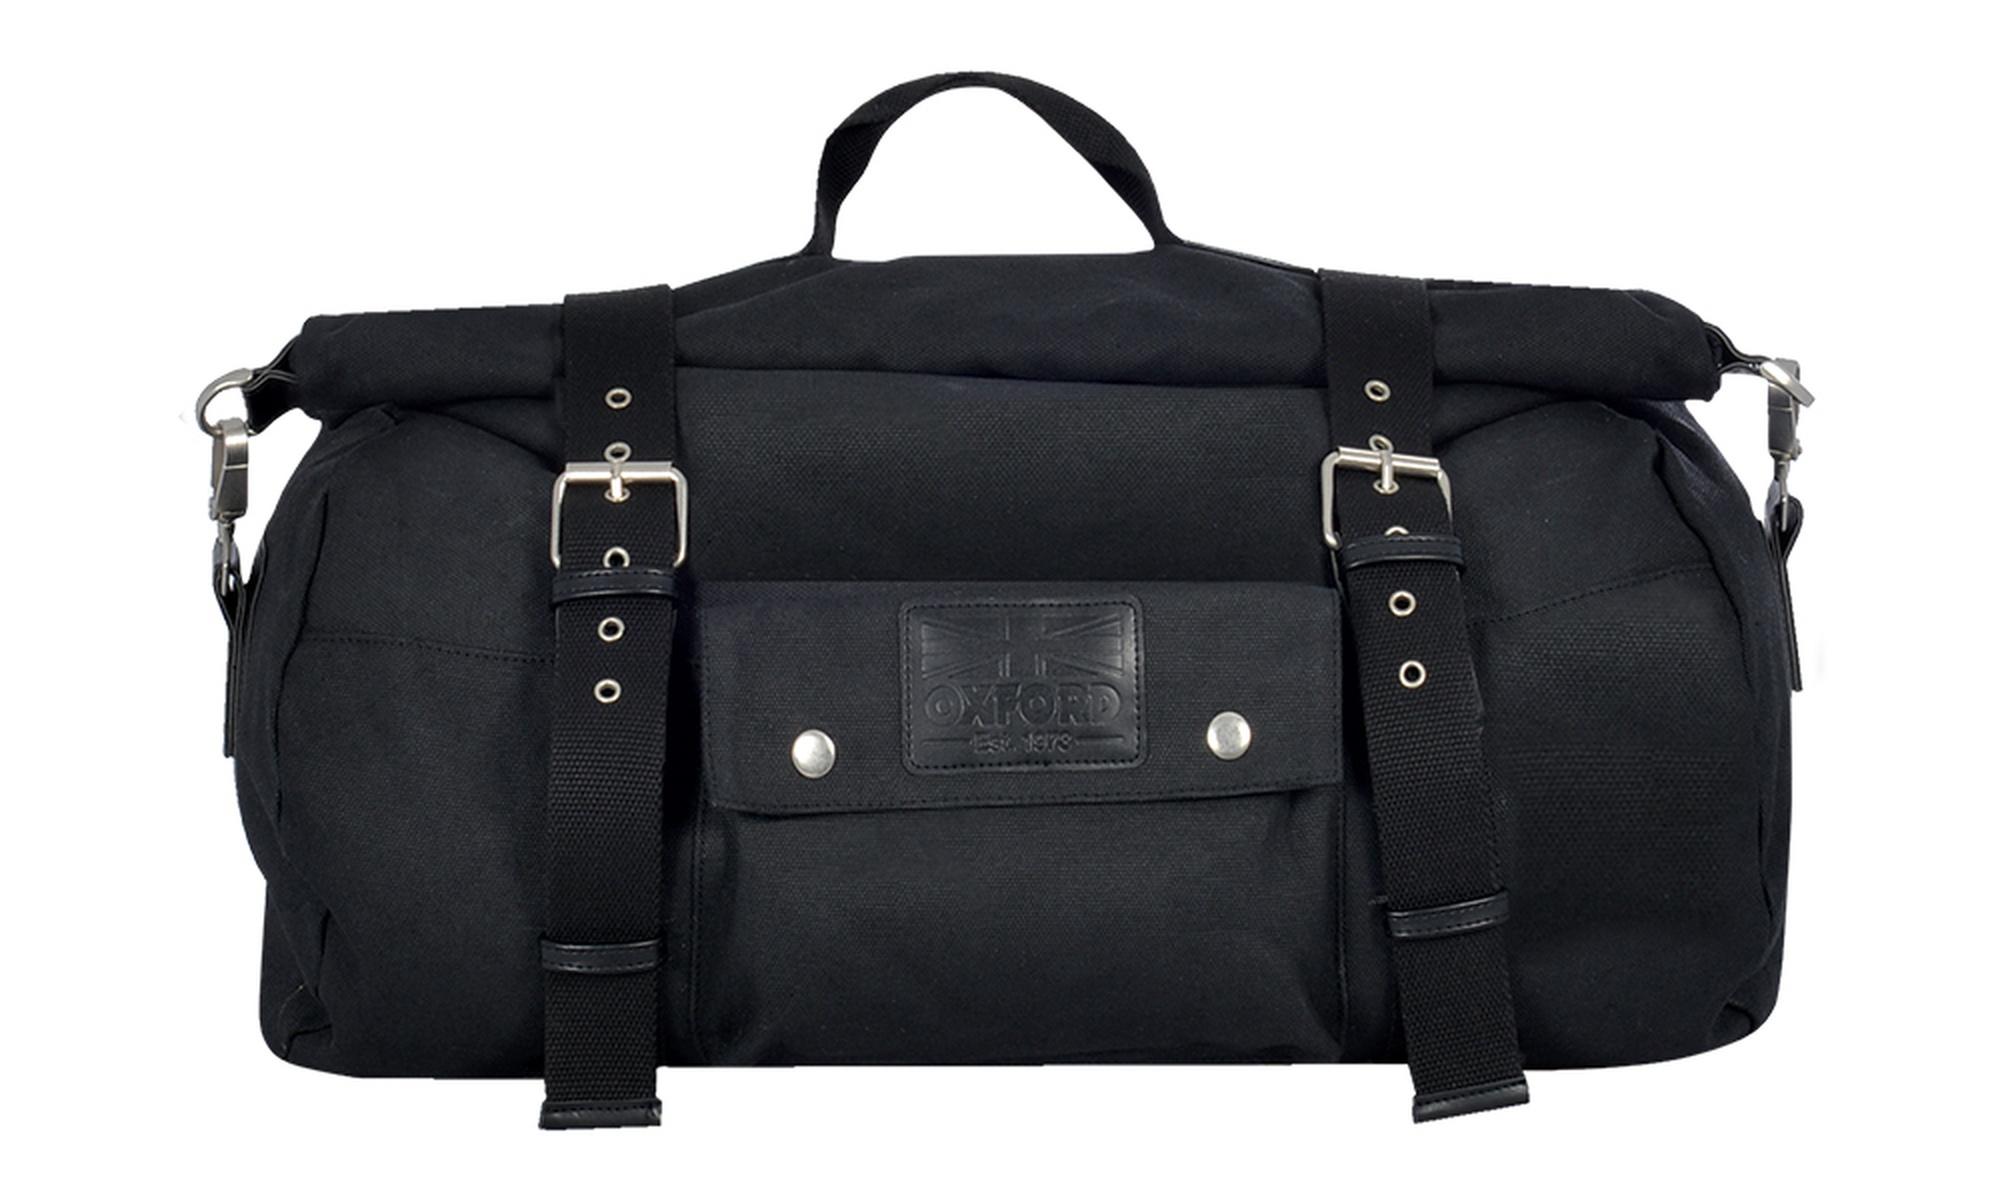 Brašna na sedlo Oxford Roll Bag Heritage 30l